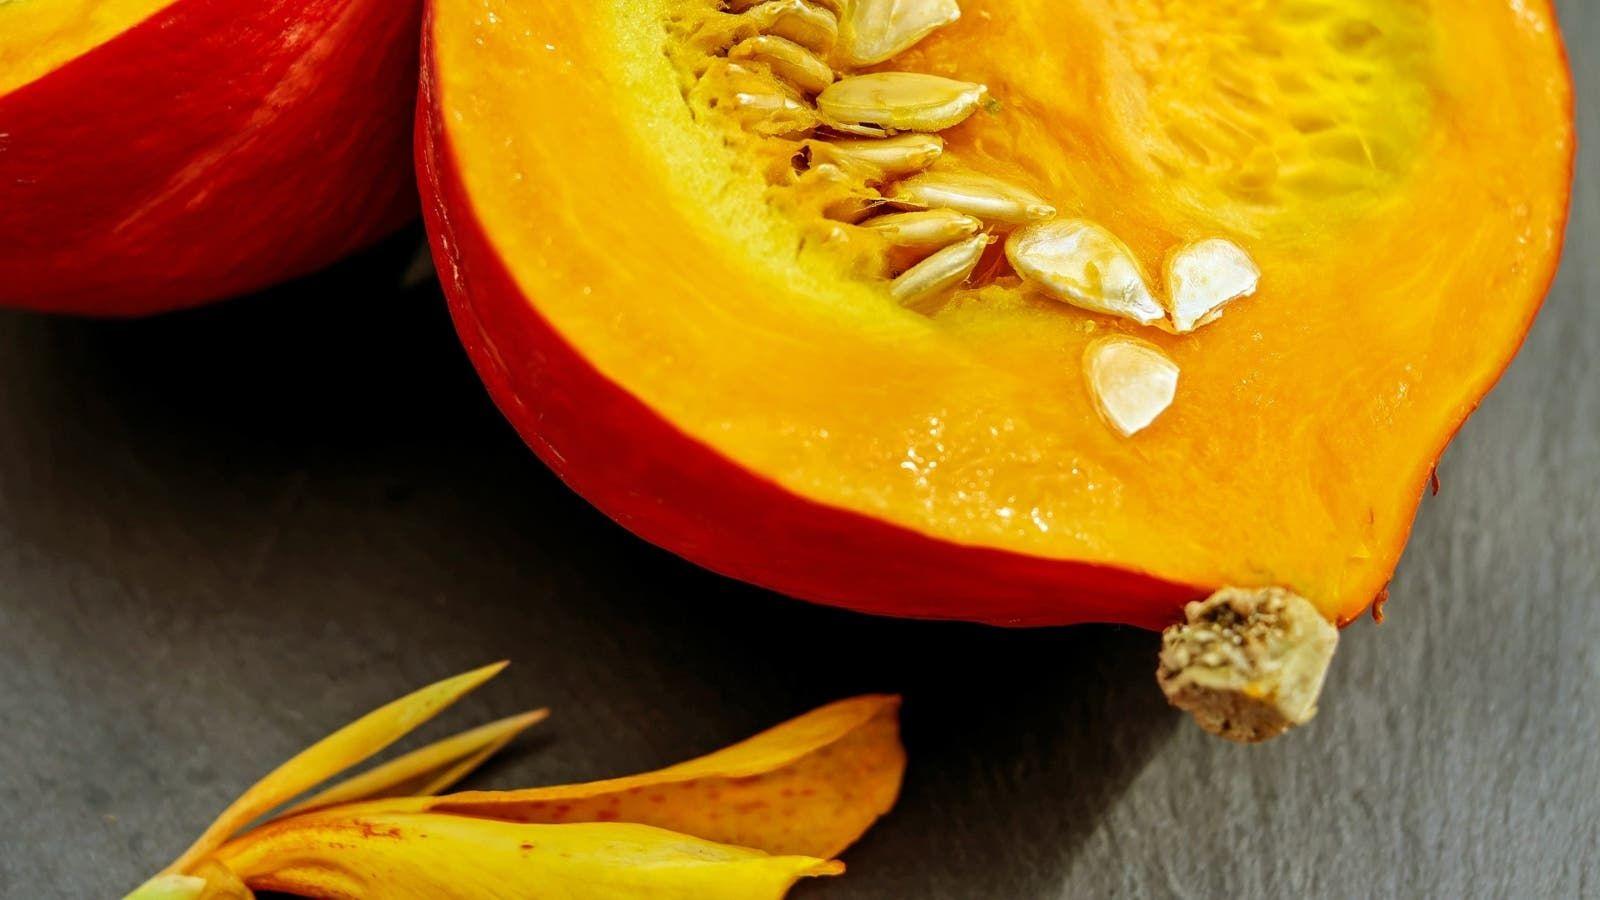 طبيب البوابة 7 فوائد لبذور اليقطين أو القرع العسلي Persimmon Food Fruit